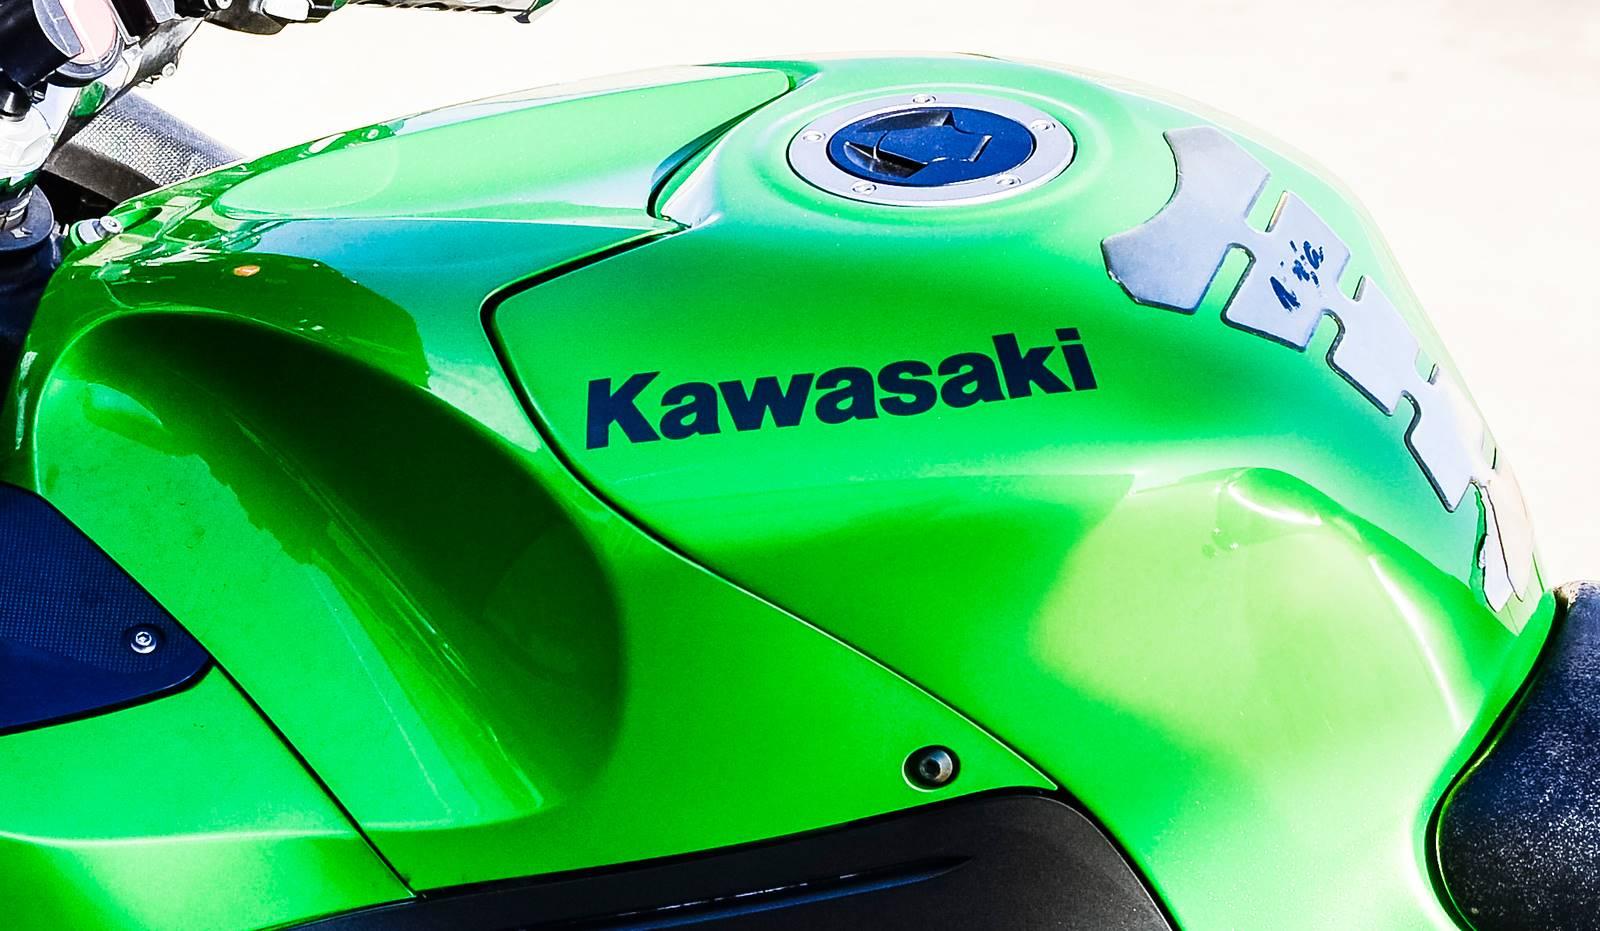 2009 Kawasaki Ninja ZX-14 11